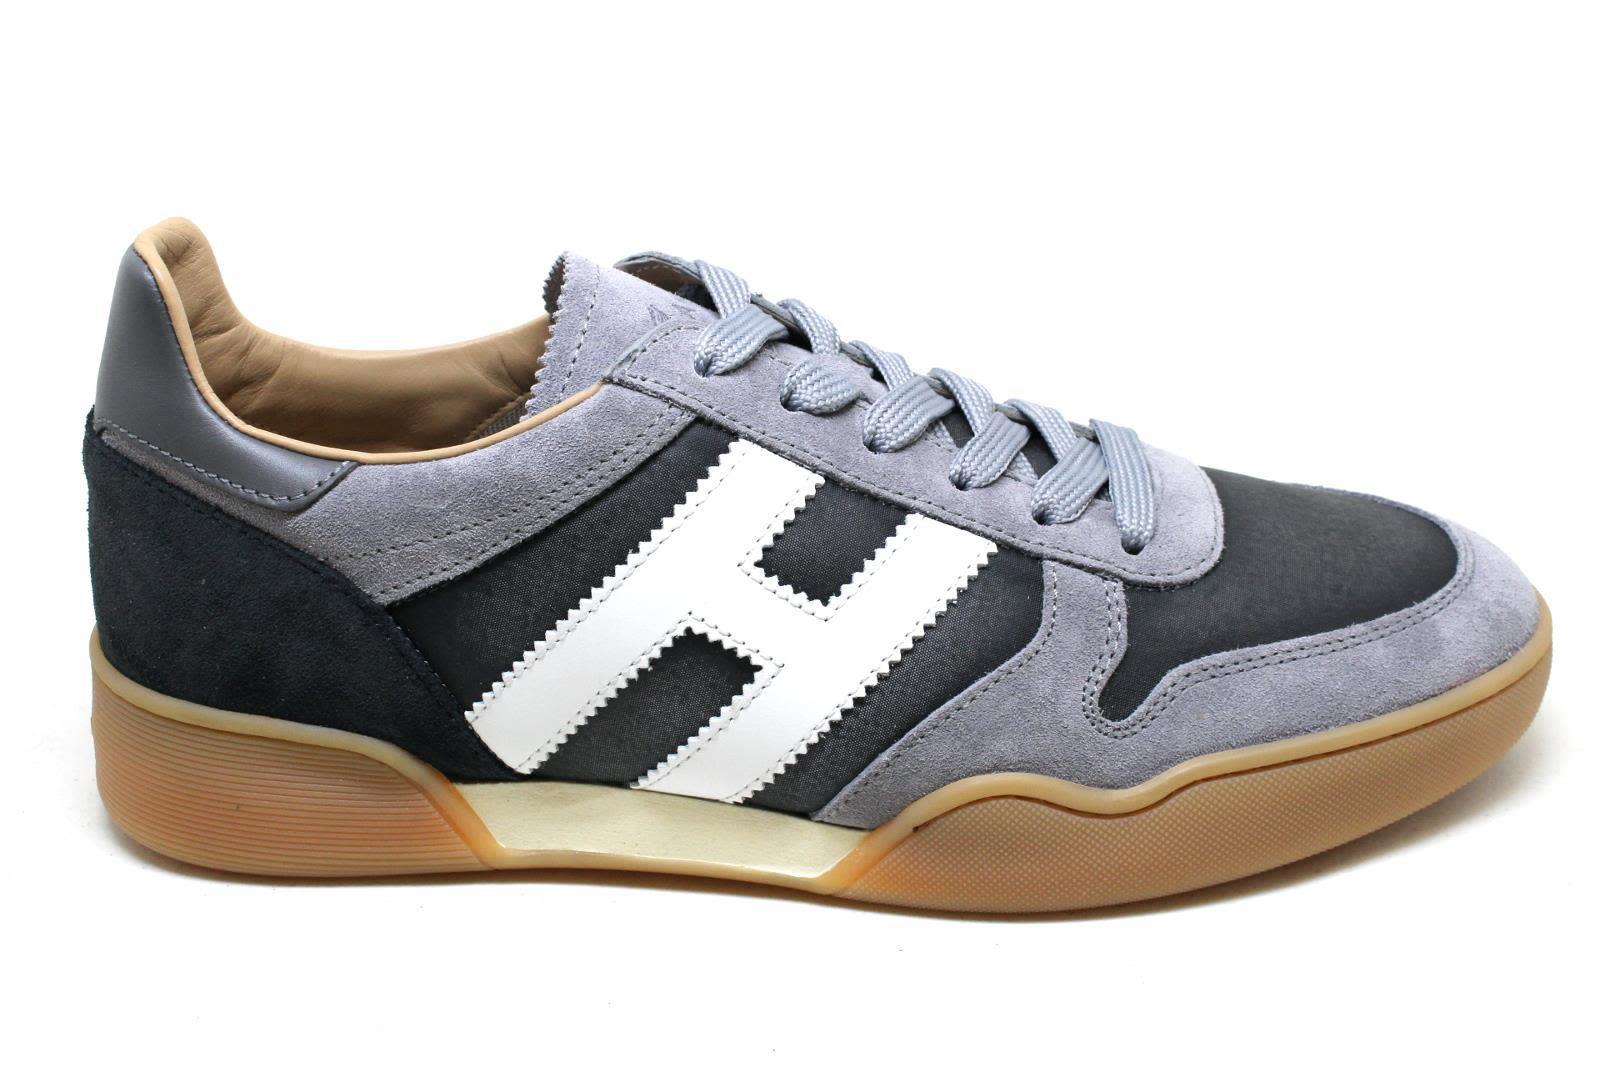 Hogan Sneakers H357 In Grey/white